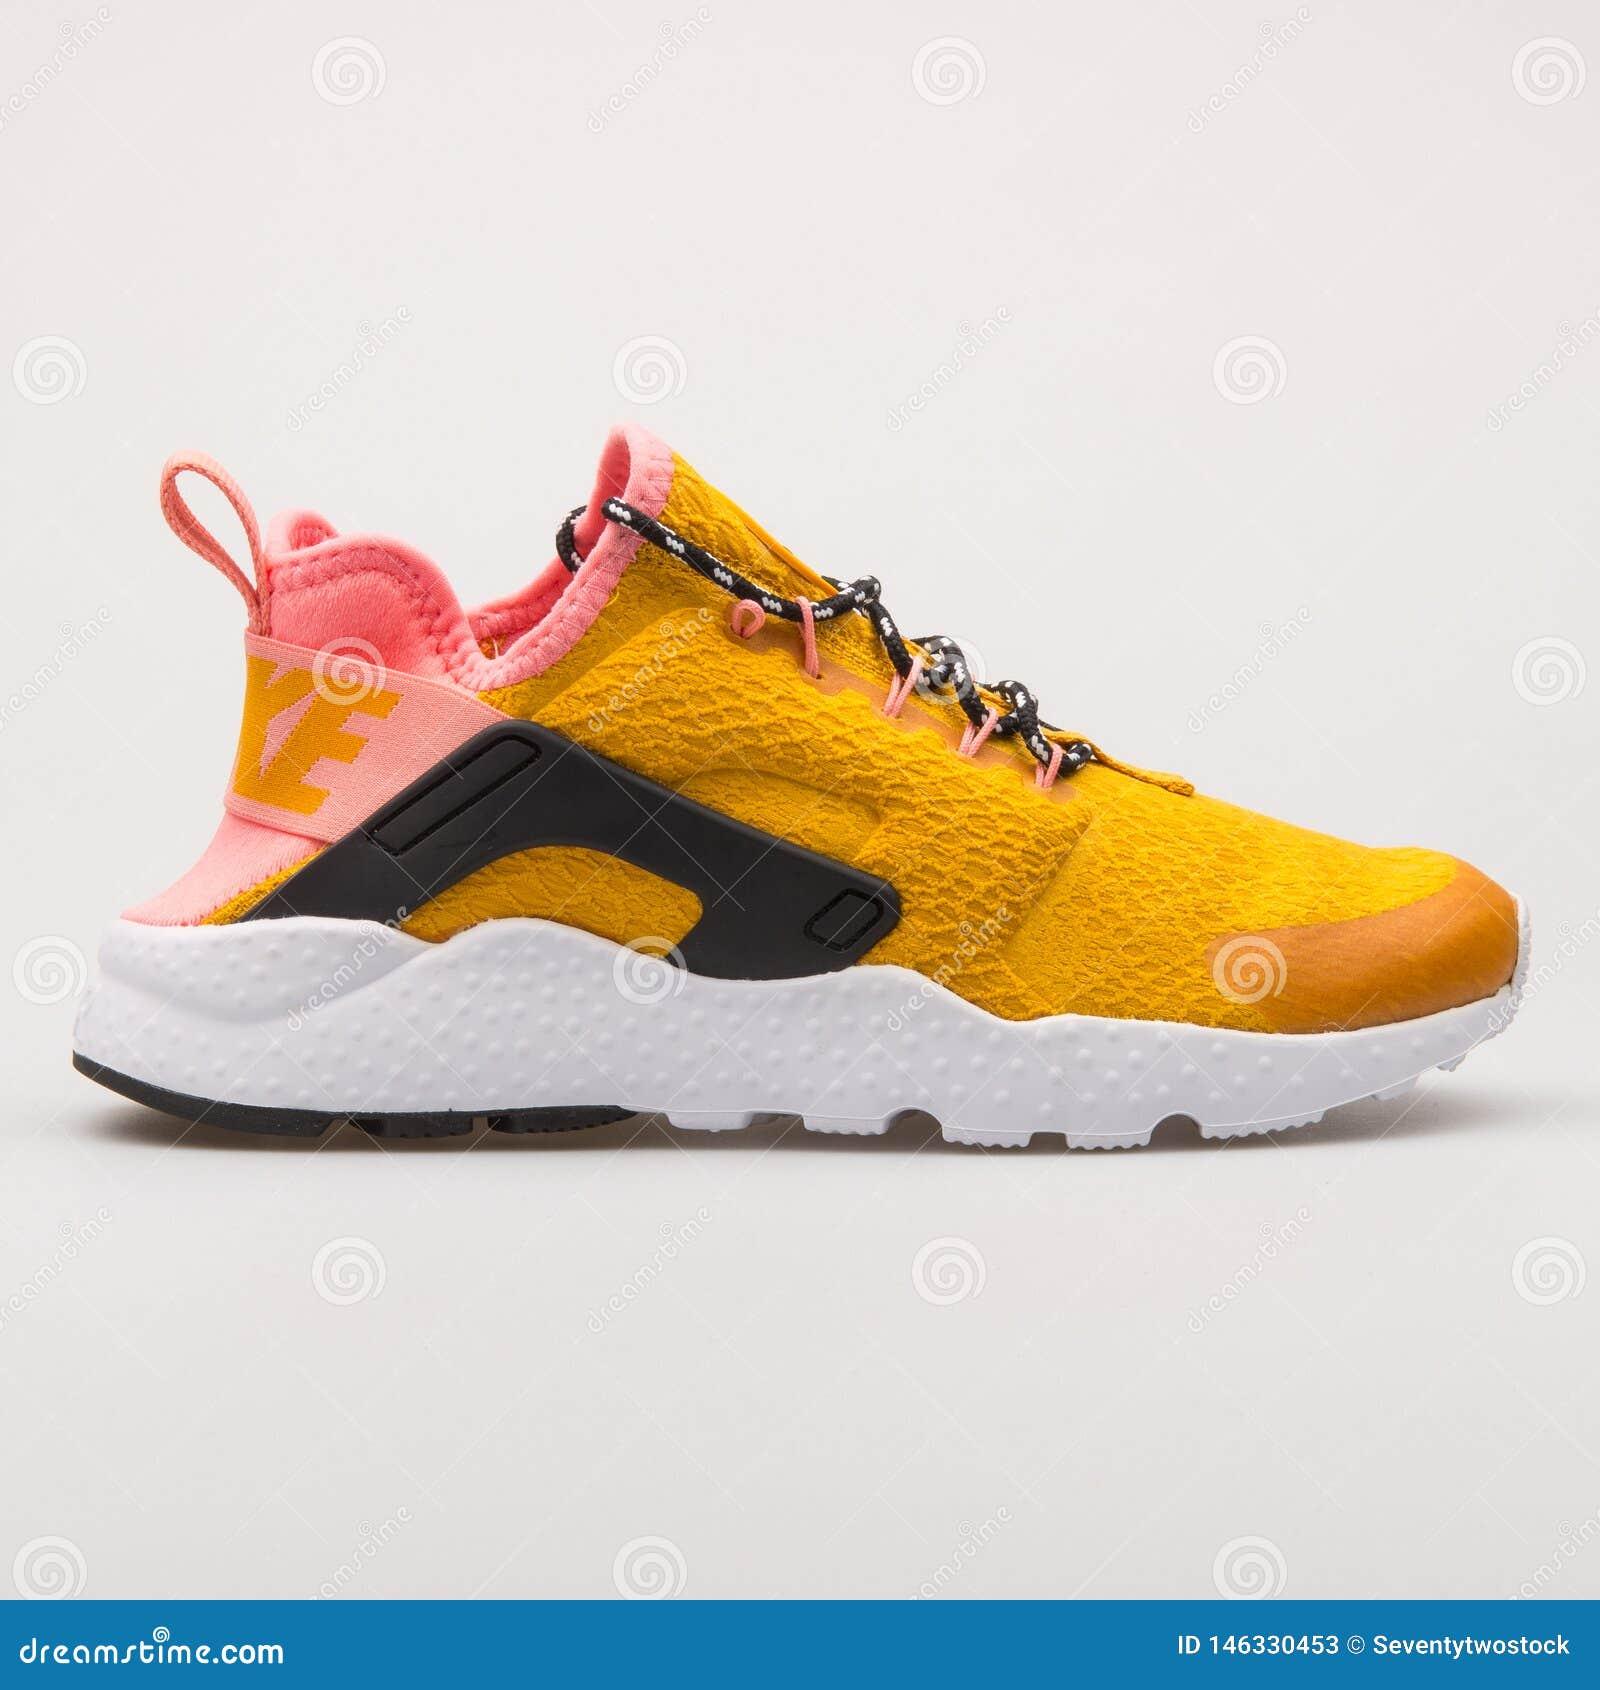 cada Comerciante Gracias por tu ayuda  Nike Air Huarache Run Ultra SE Gold And Pink Sneaker Editorial Stock Photo  - Image of sneaker, colour: 146330453